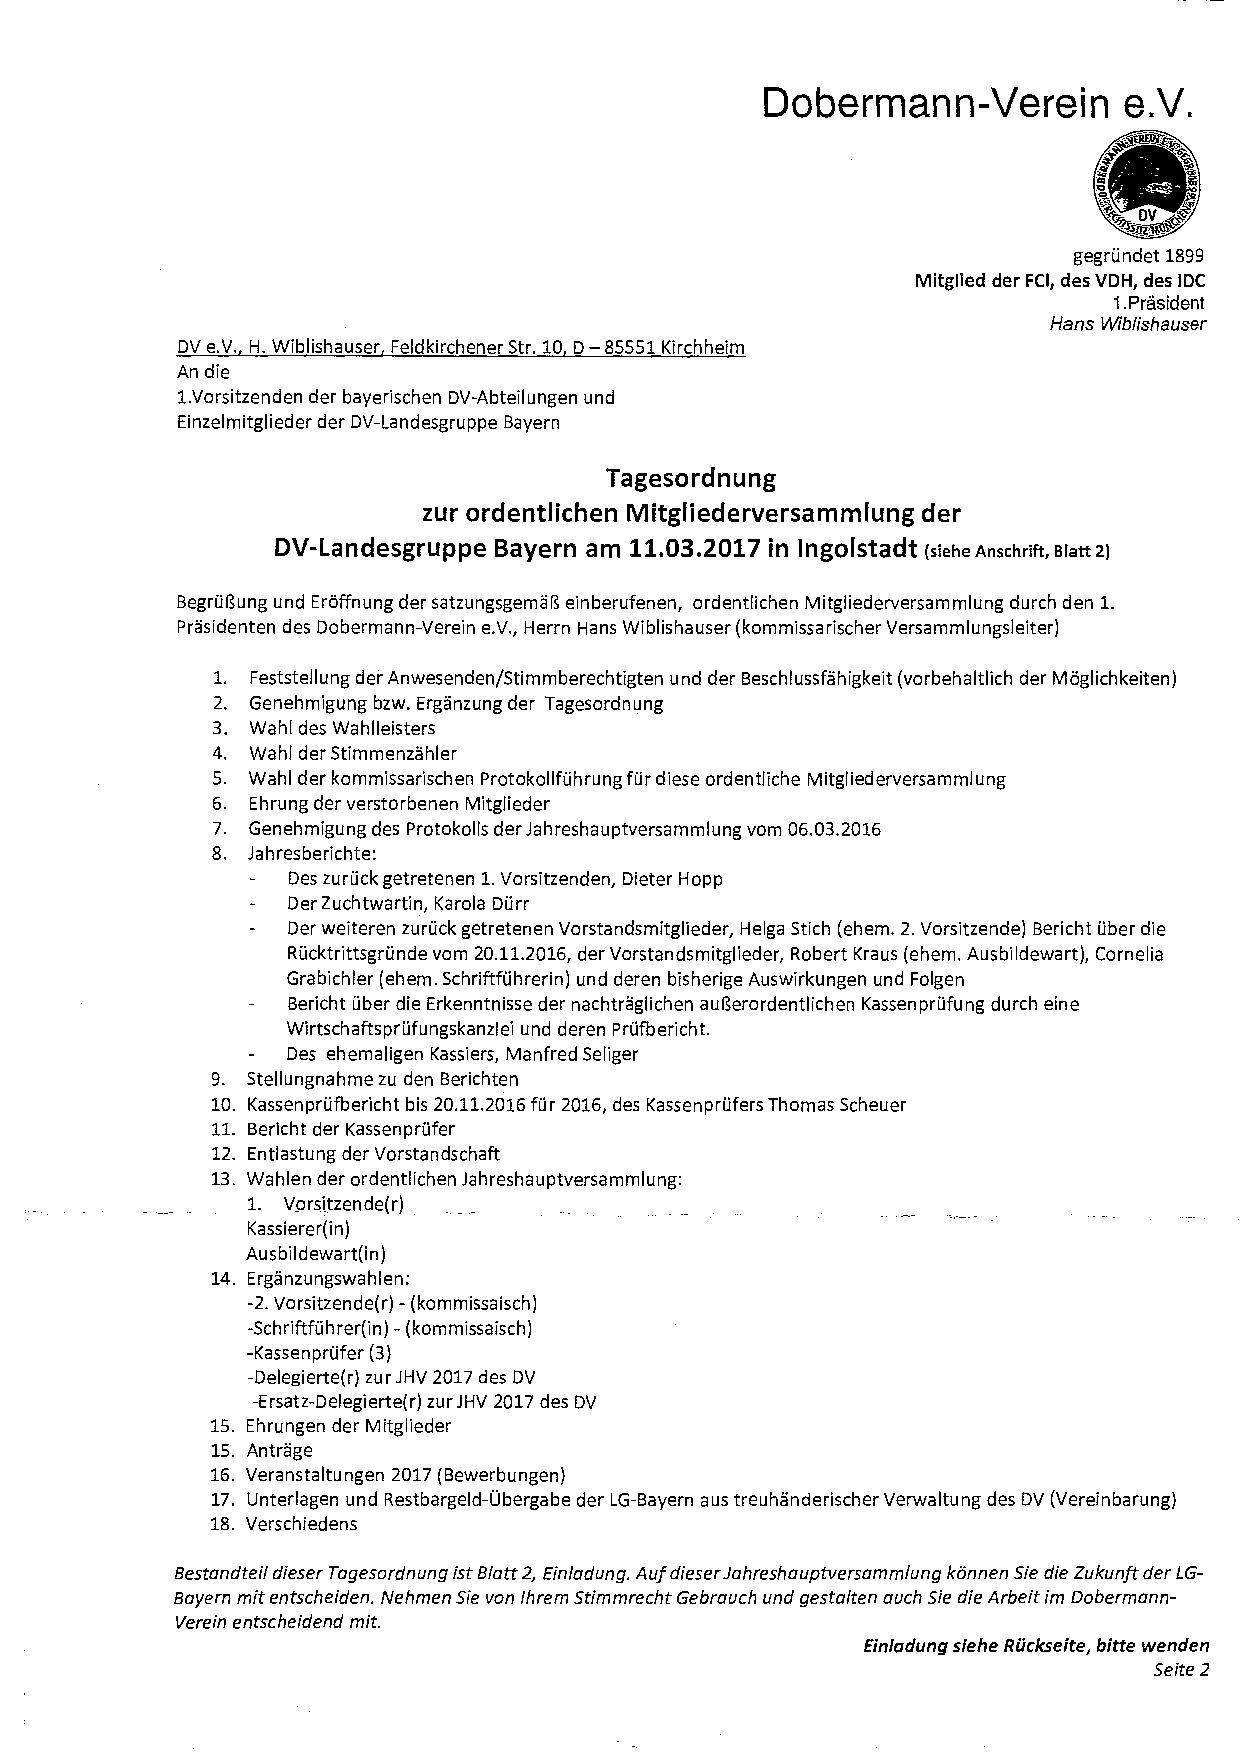 dobermannverein e.v. abteilung franken - ordentliche, Einladung